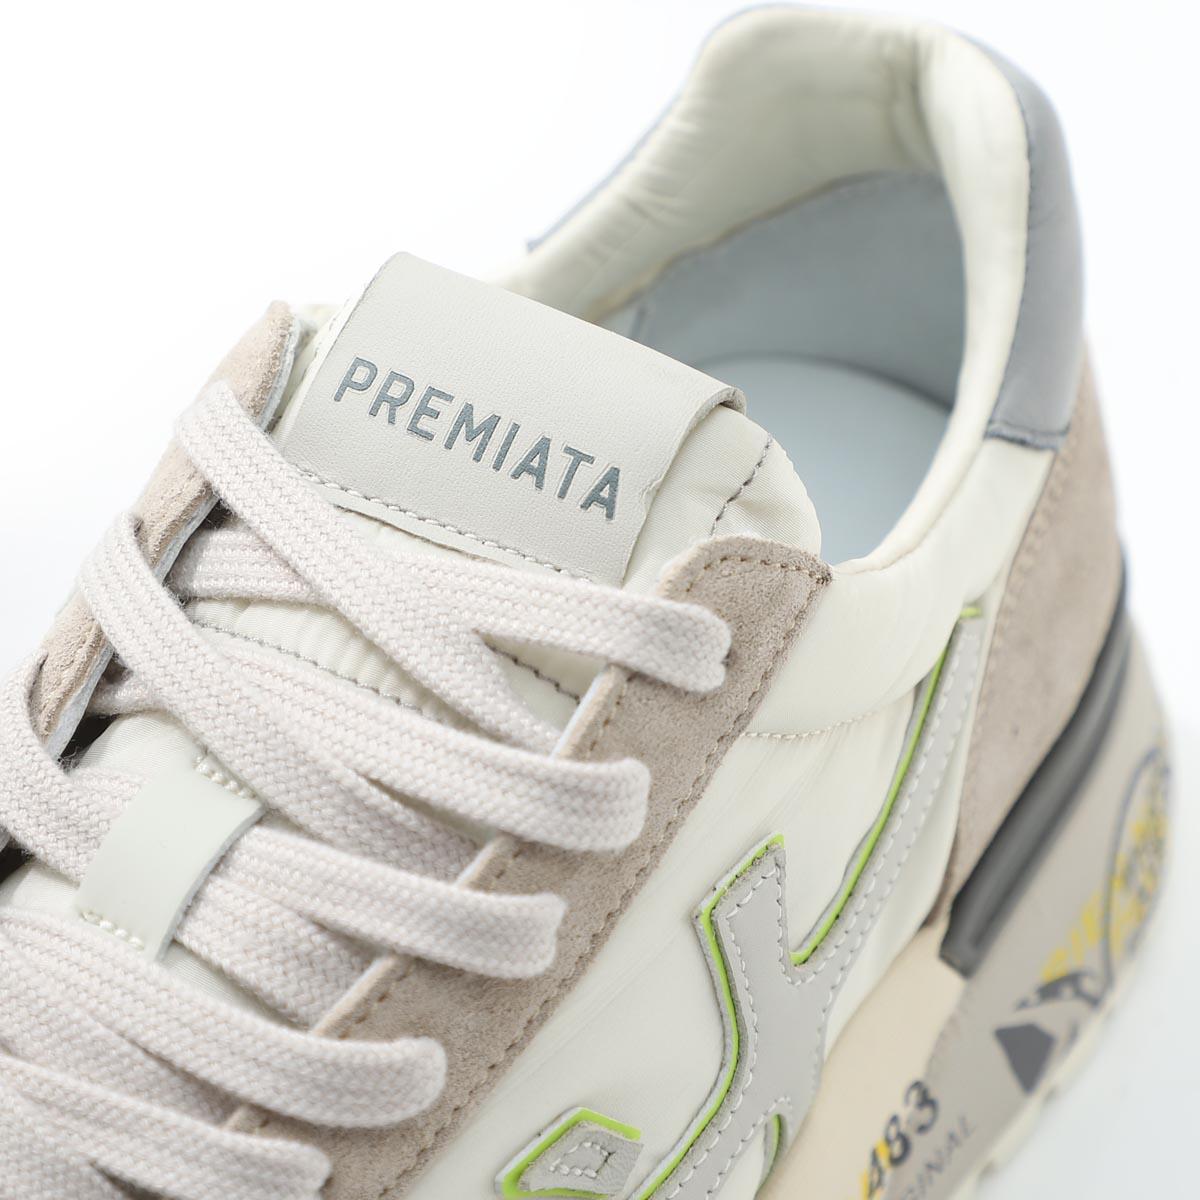 【アウトレット】【ラスト1点】PREMIATA プレミアータ スニーカー/MICK 4569 ミック【大きいサイズあり】 メンズ